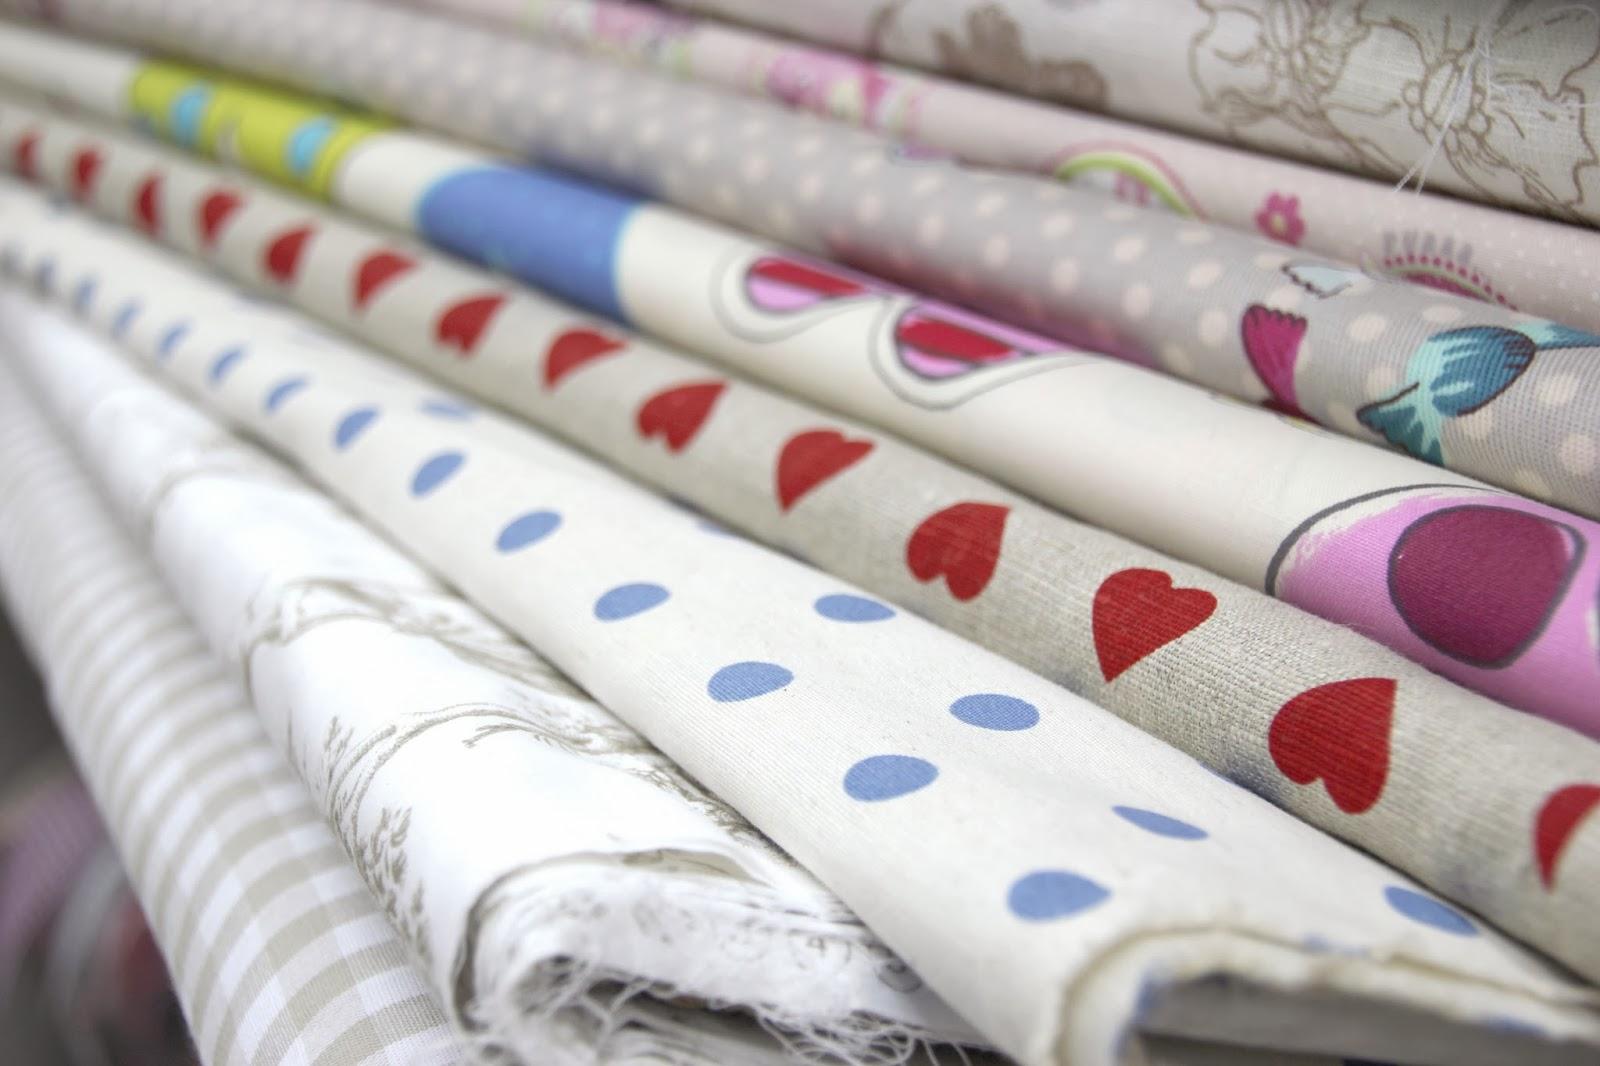 Maquina de coser buscar telas para confeccionar ropa - Telas de tapizar baratas ...